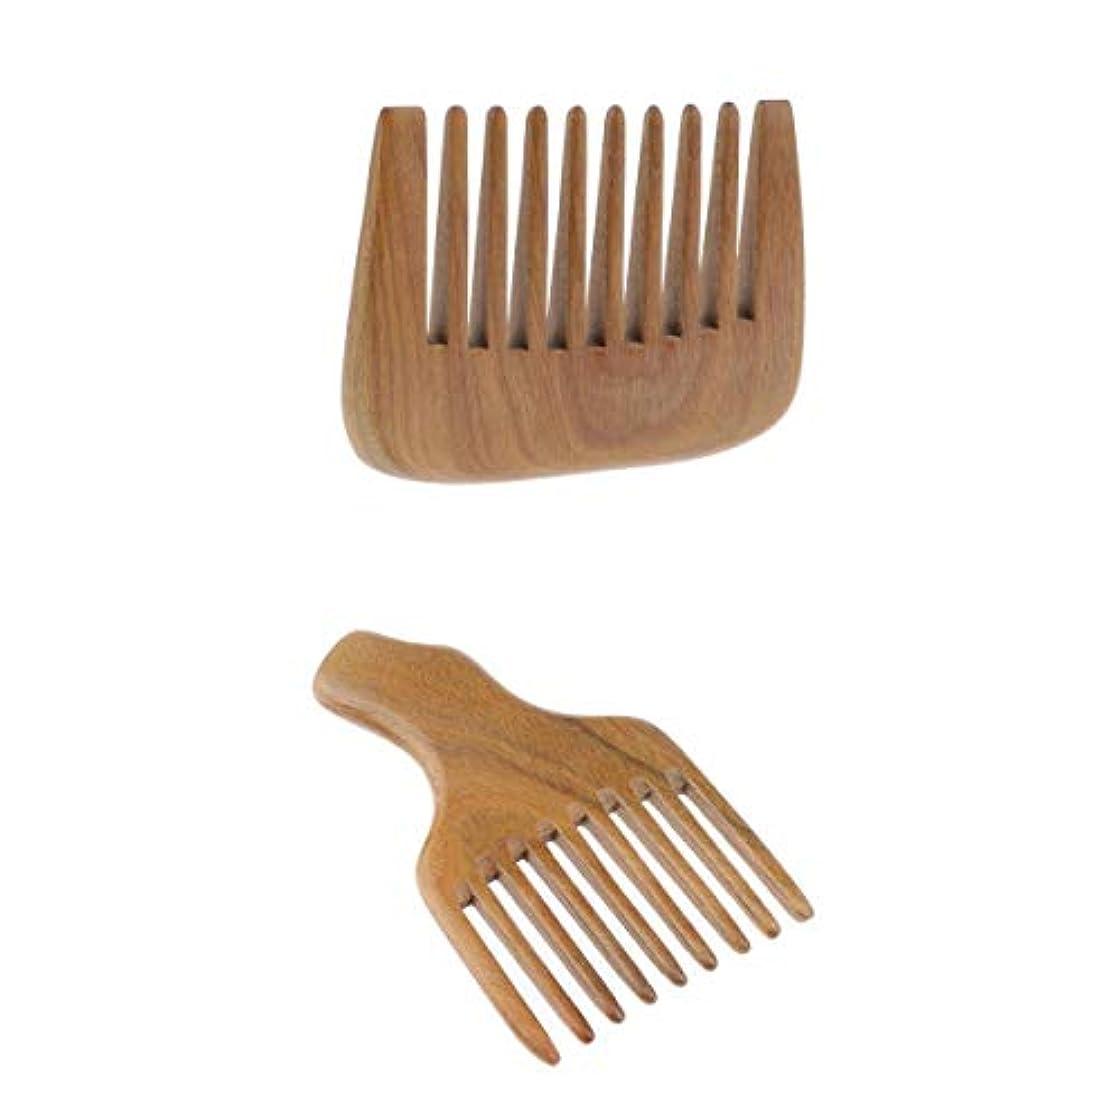 アクチュエータ平等にはまって2個 ウッドコーム 歯櫛 ヘアブラシ アンチスタティック グリーン サンダルウッド 木製櫛 静電防止